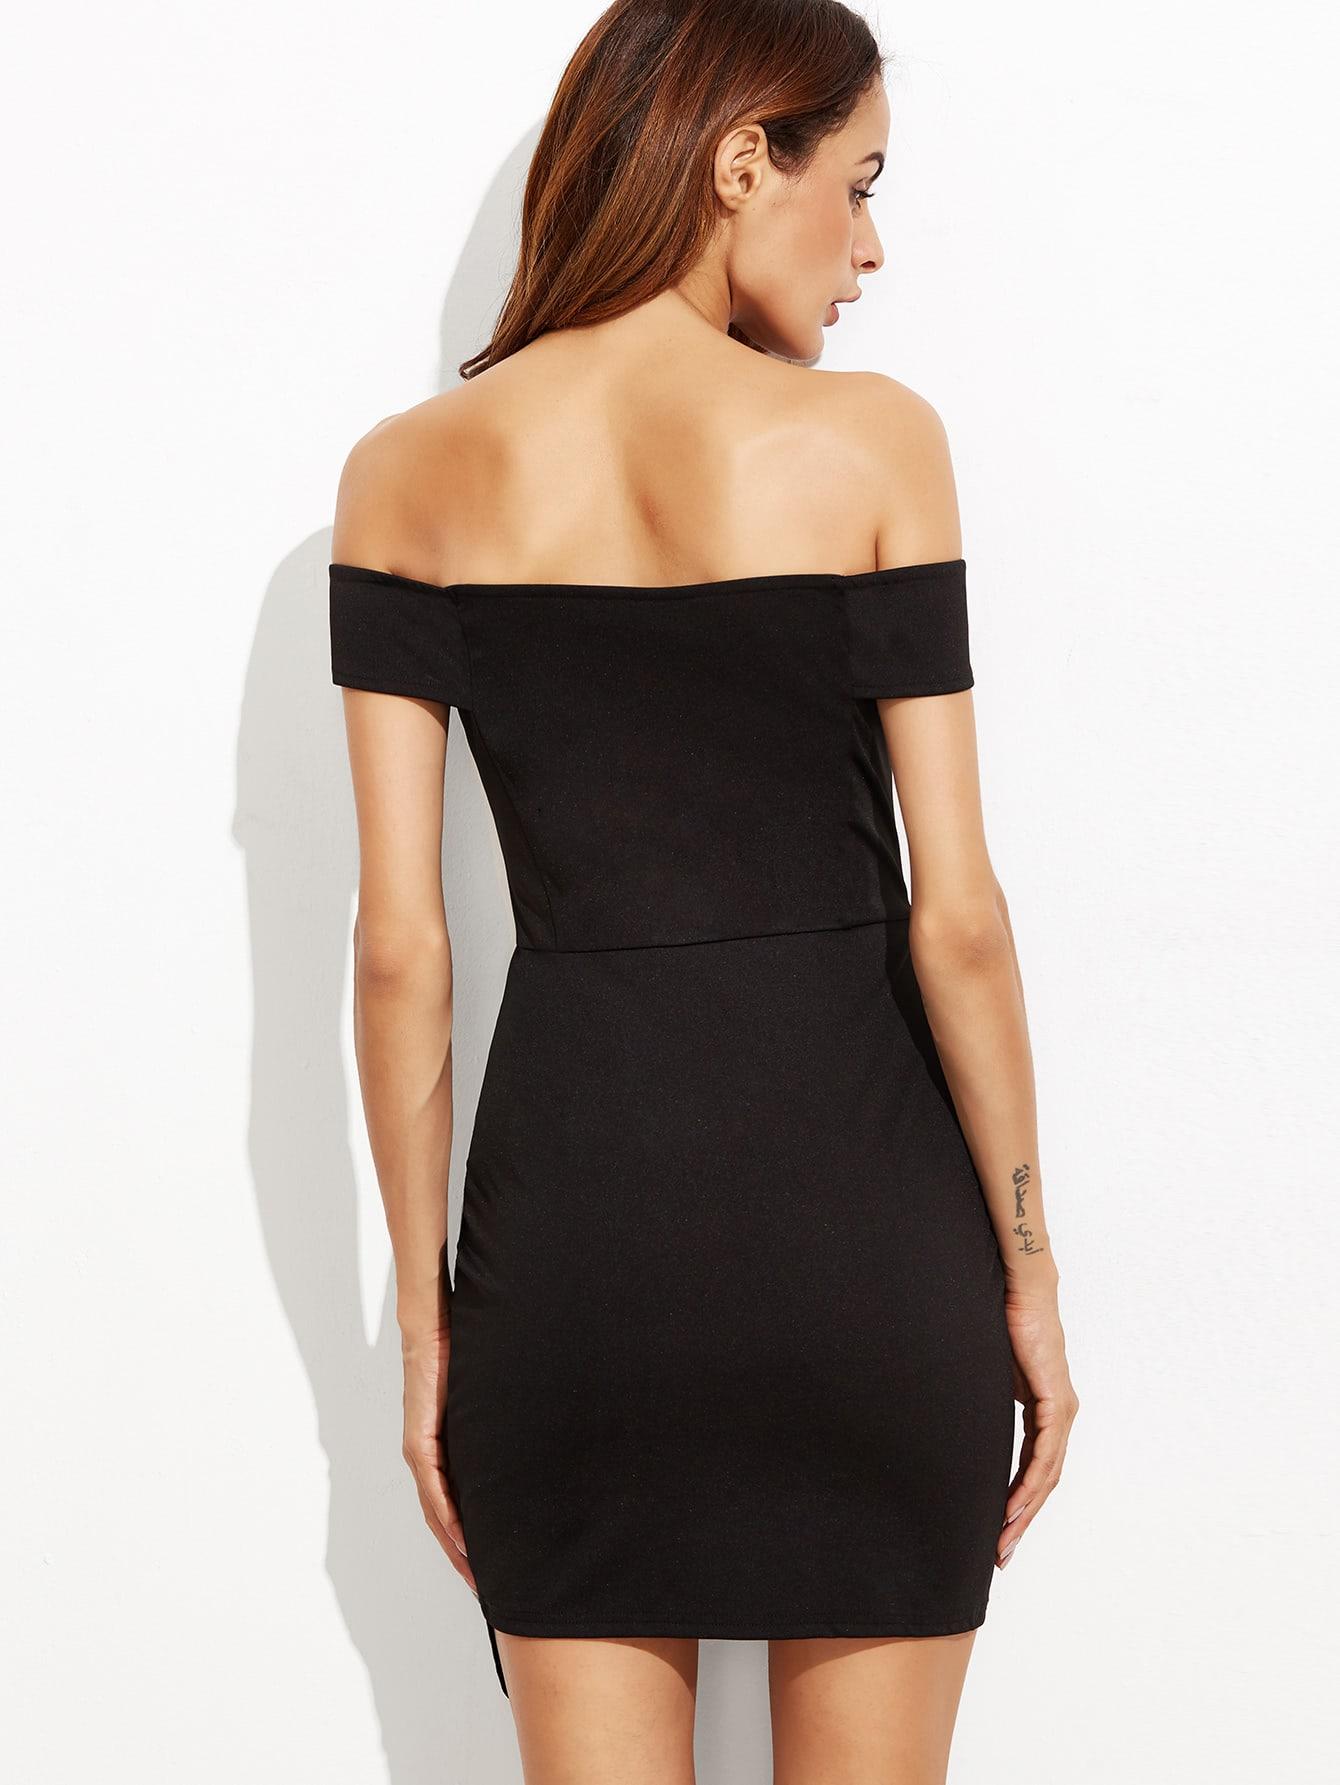 dress160908504_2